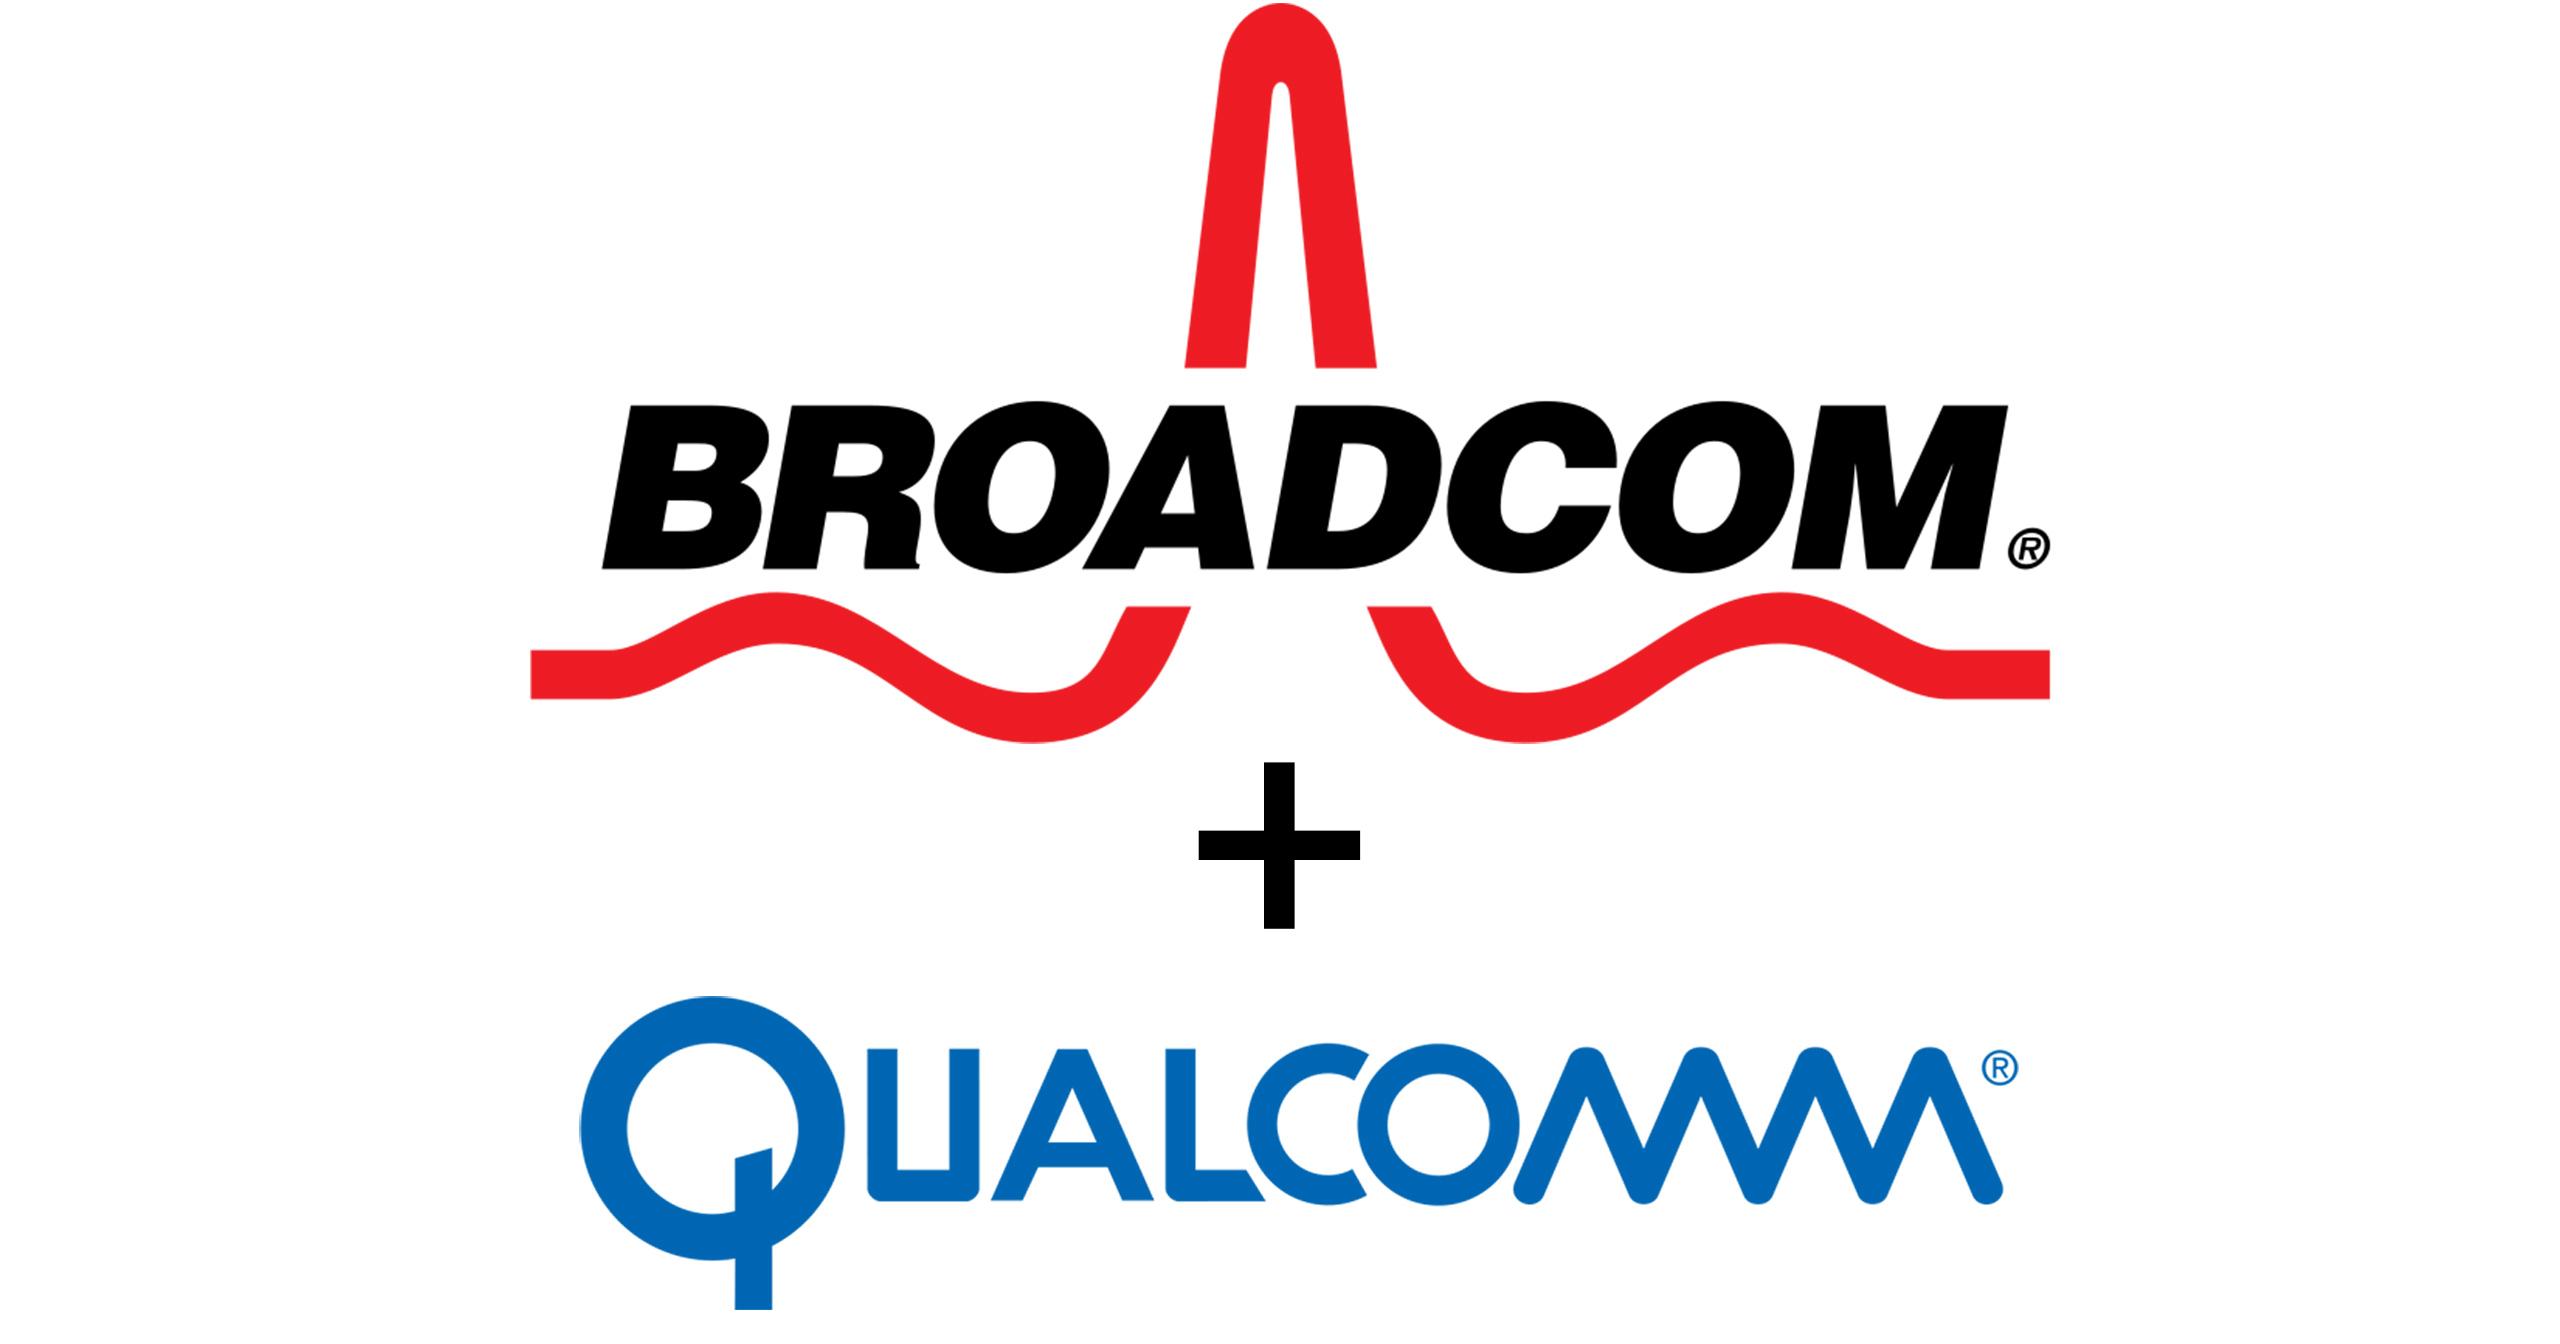 Broadcom Wants To Buy Qualcomm In Unprecedented 130 Billion Deal